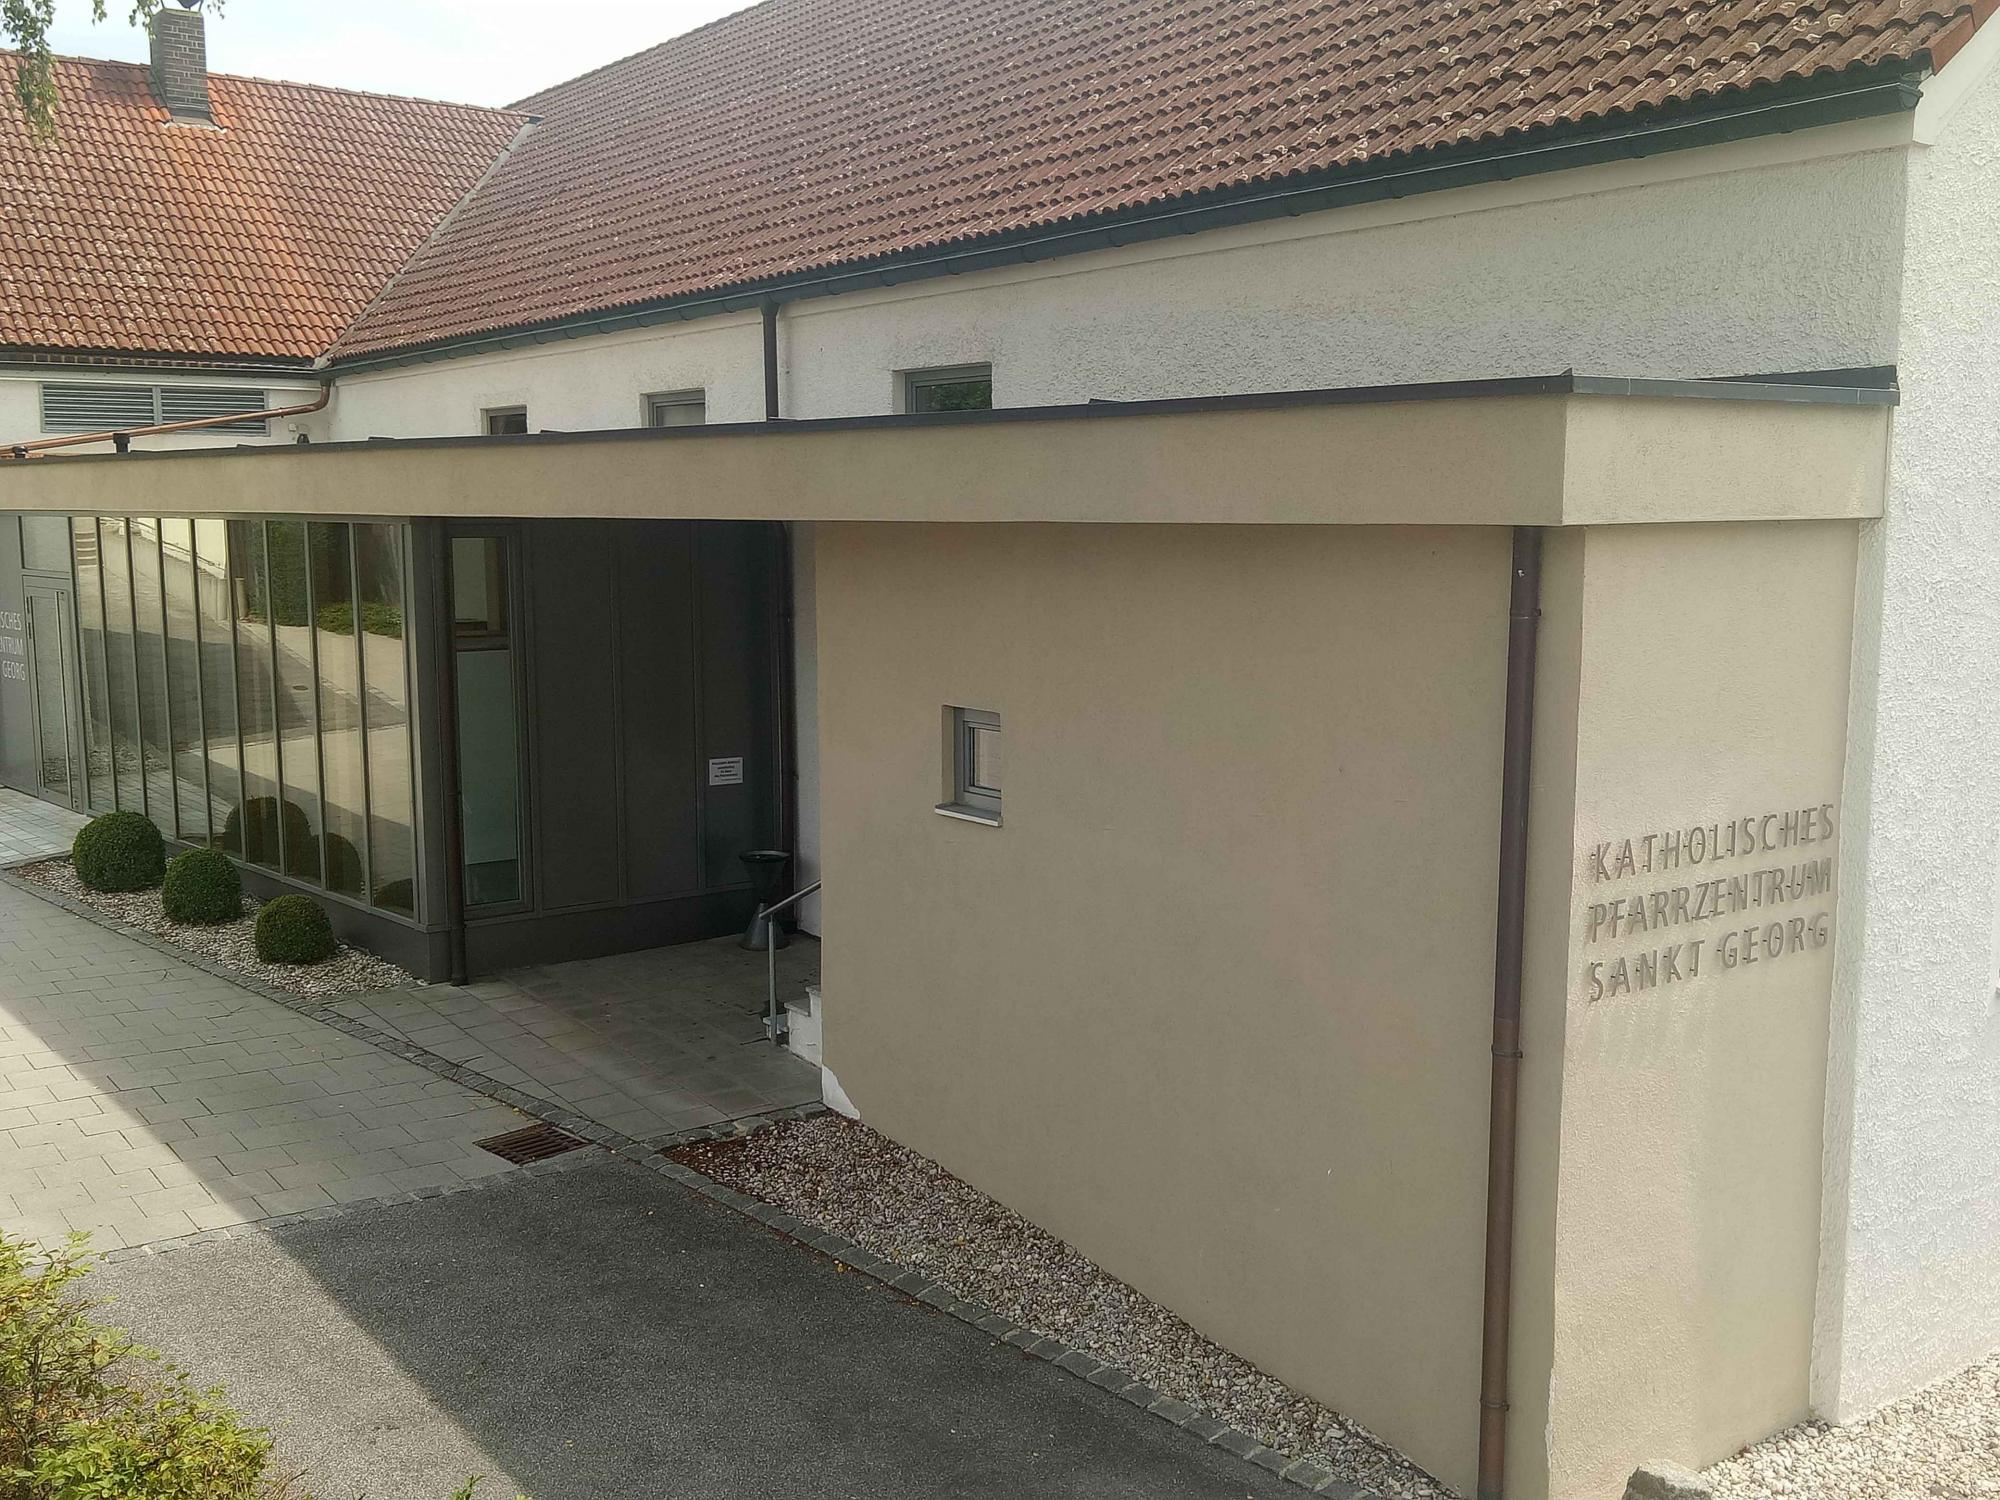 20-07-2019_Startseite_Pfarrzentrum-St.Georg